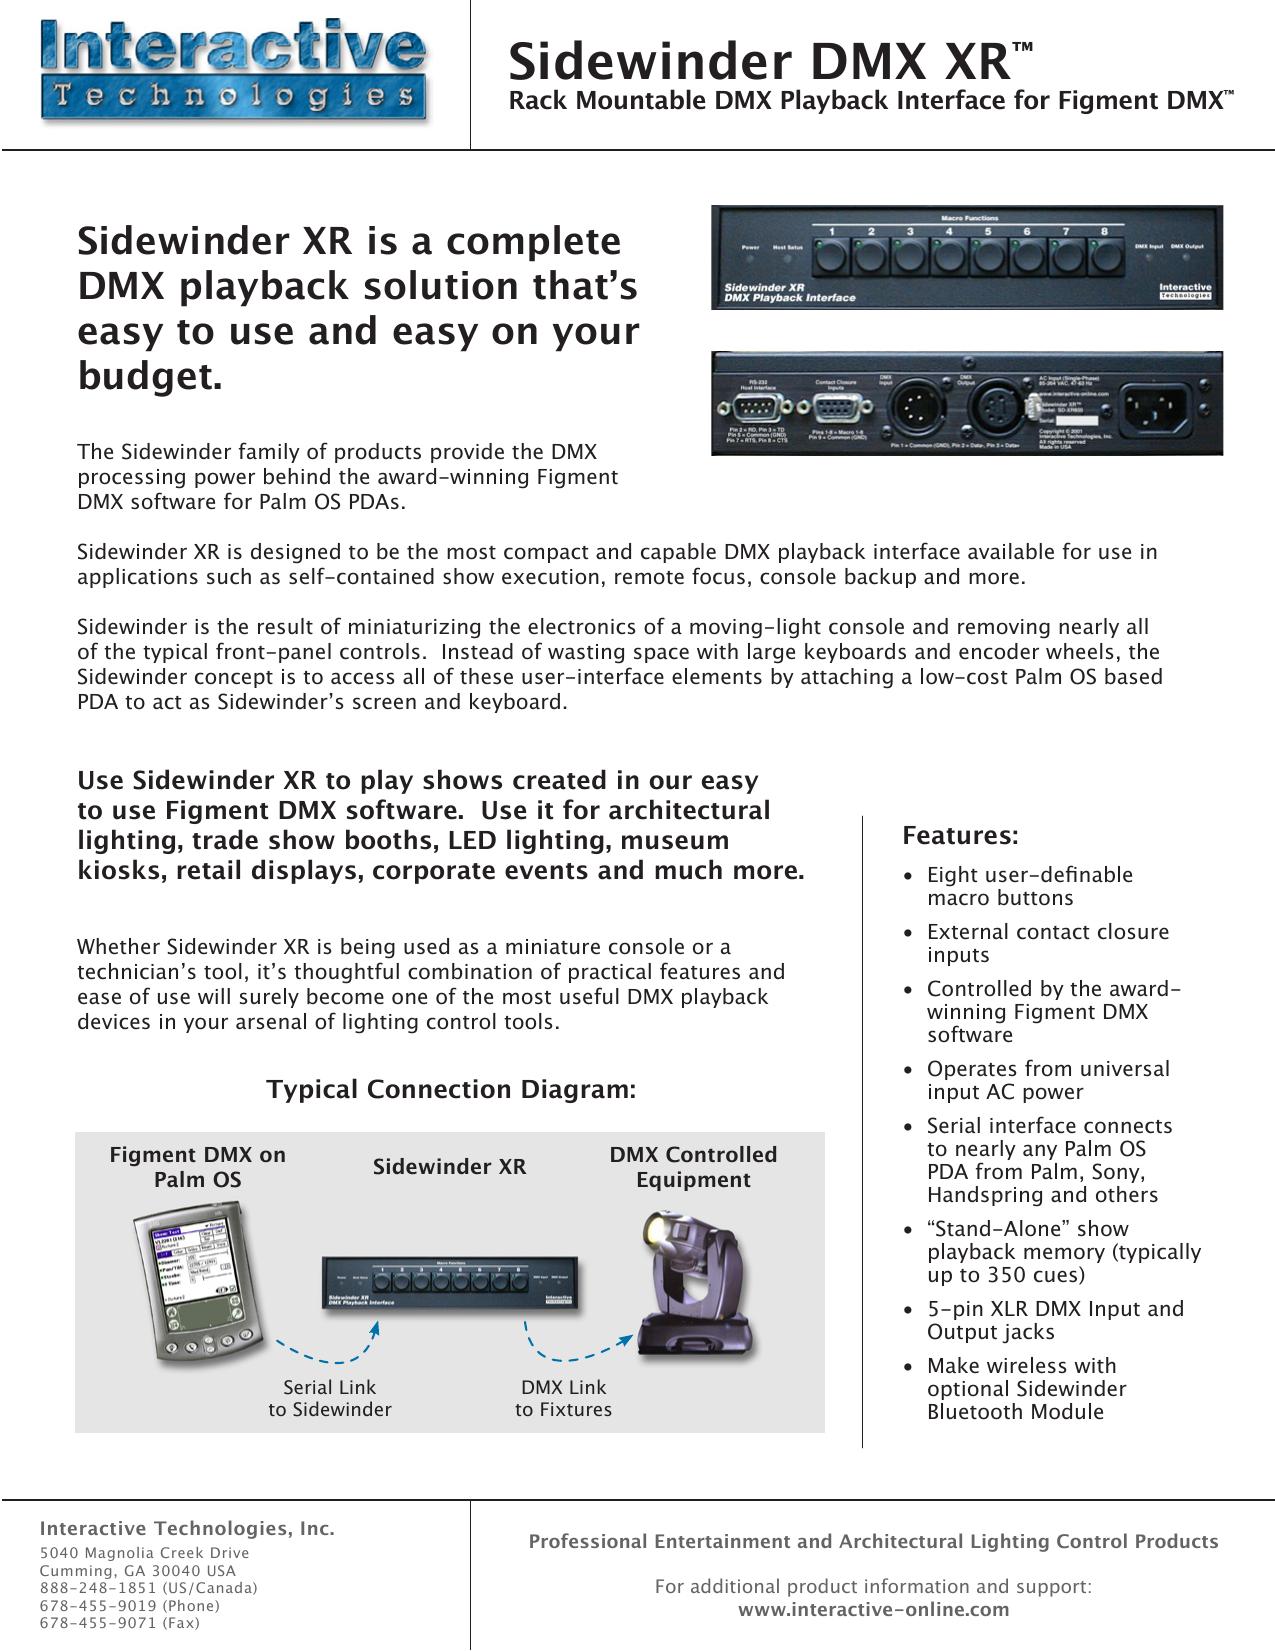 Sidewinder DMX XR - Interactive Technologies, Inc